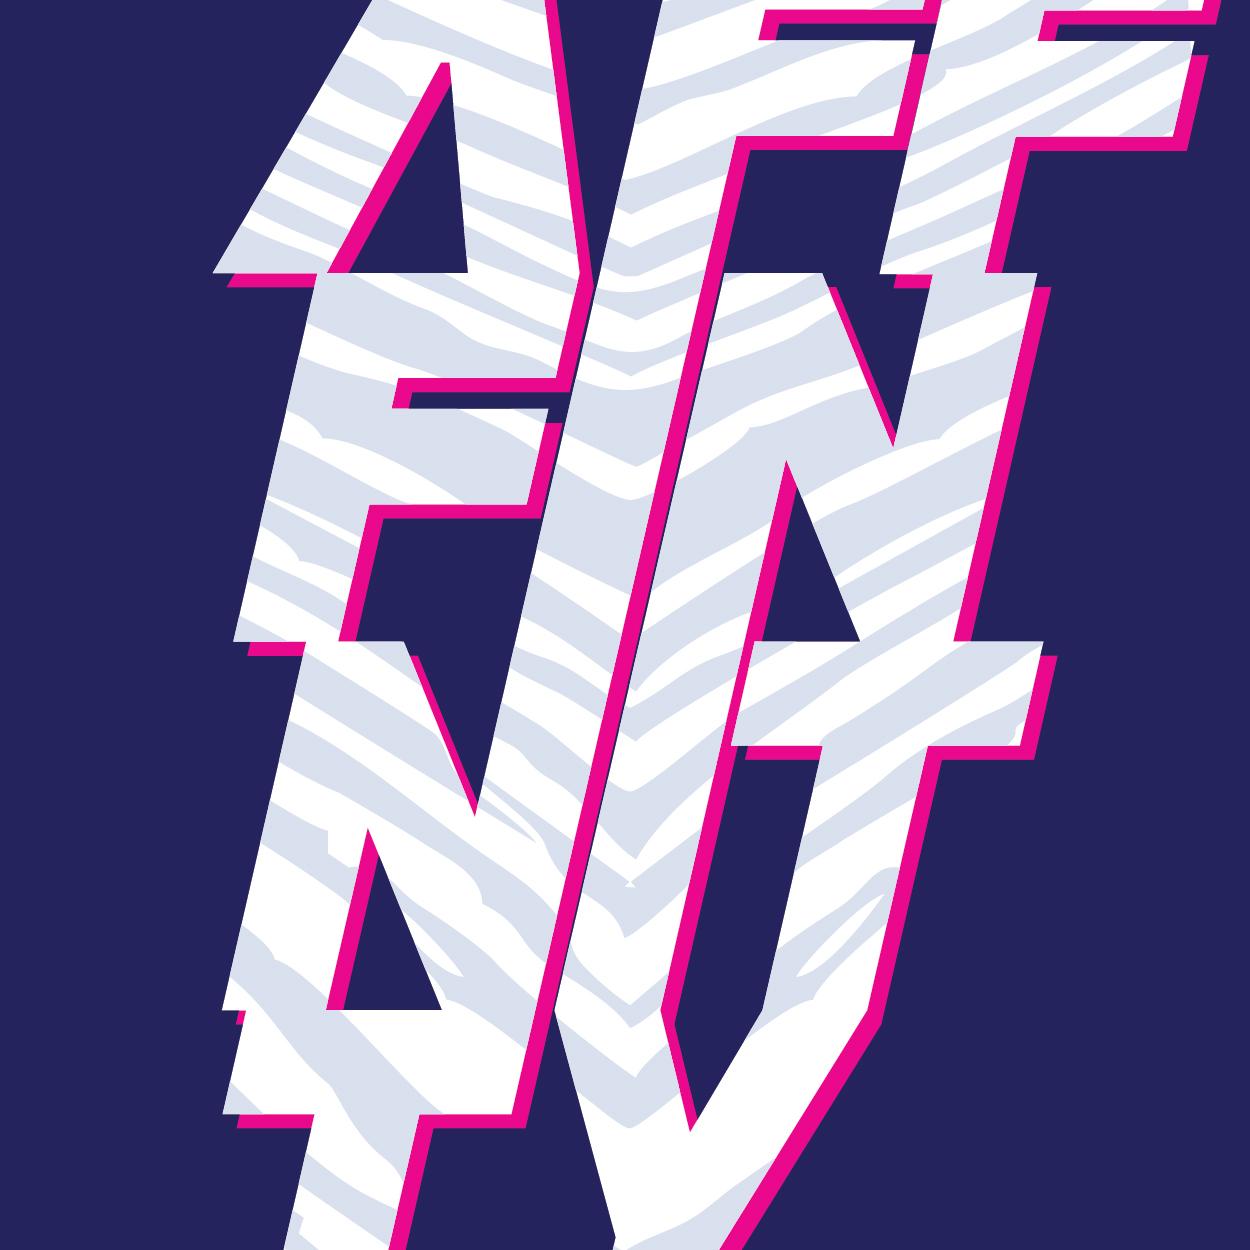 Affinity-01.jpg